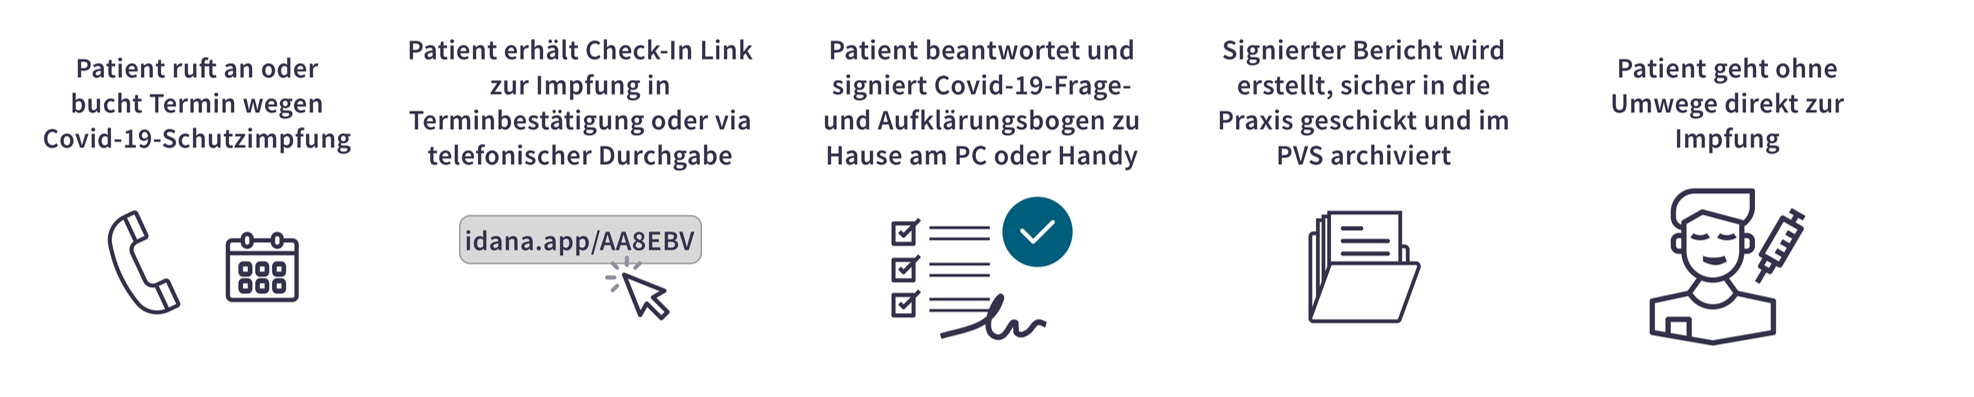 2021-04 Idana Impf Workflow-1